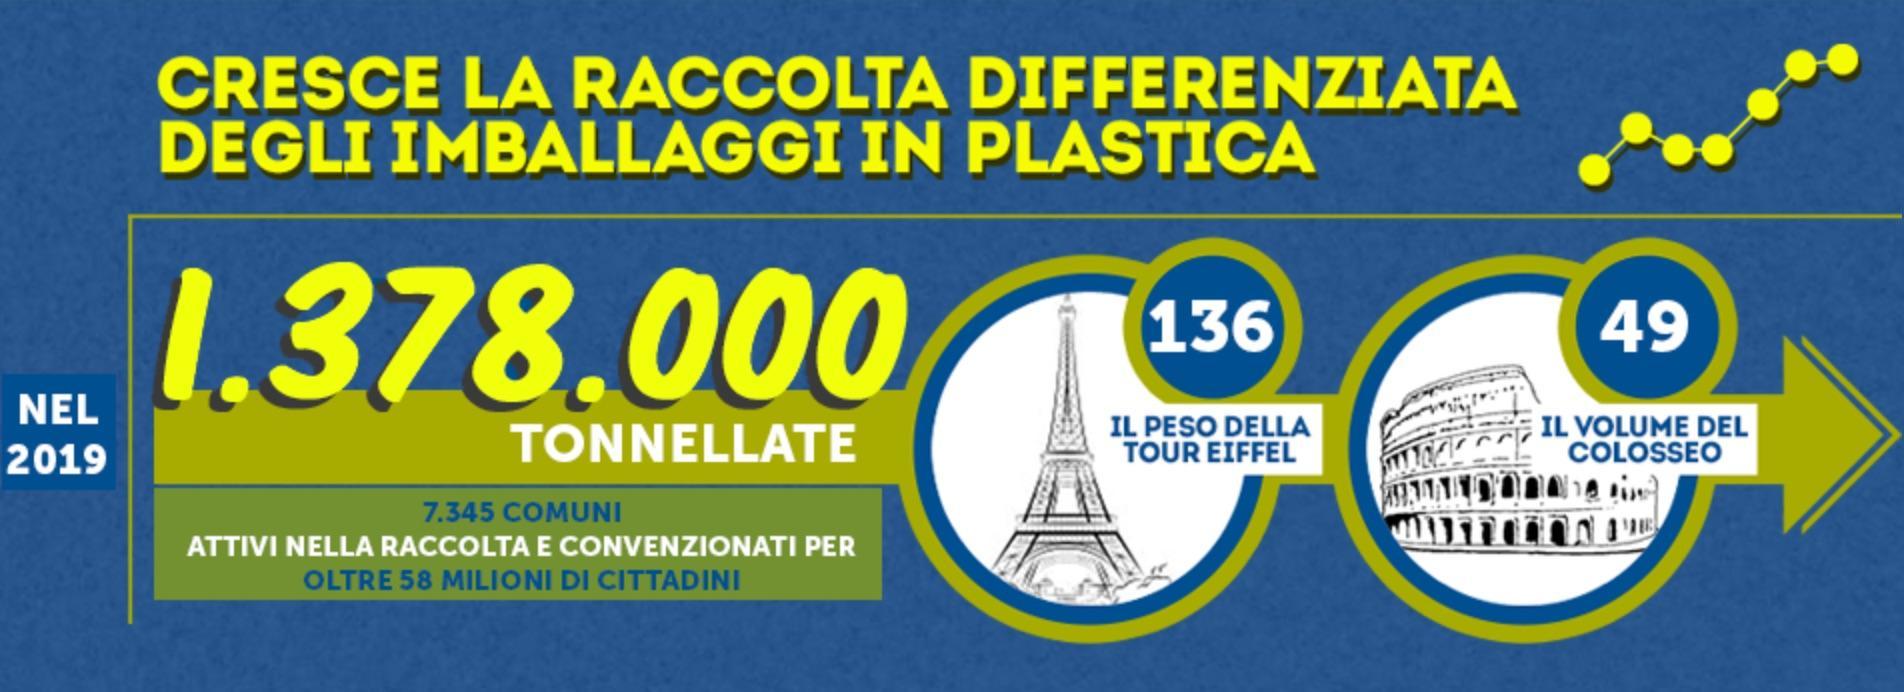 Cresce la raccolta differenziata degli imballaggi in plastica